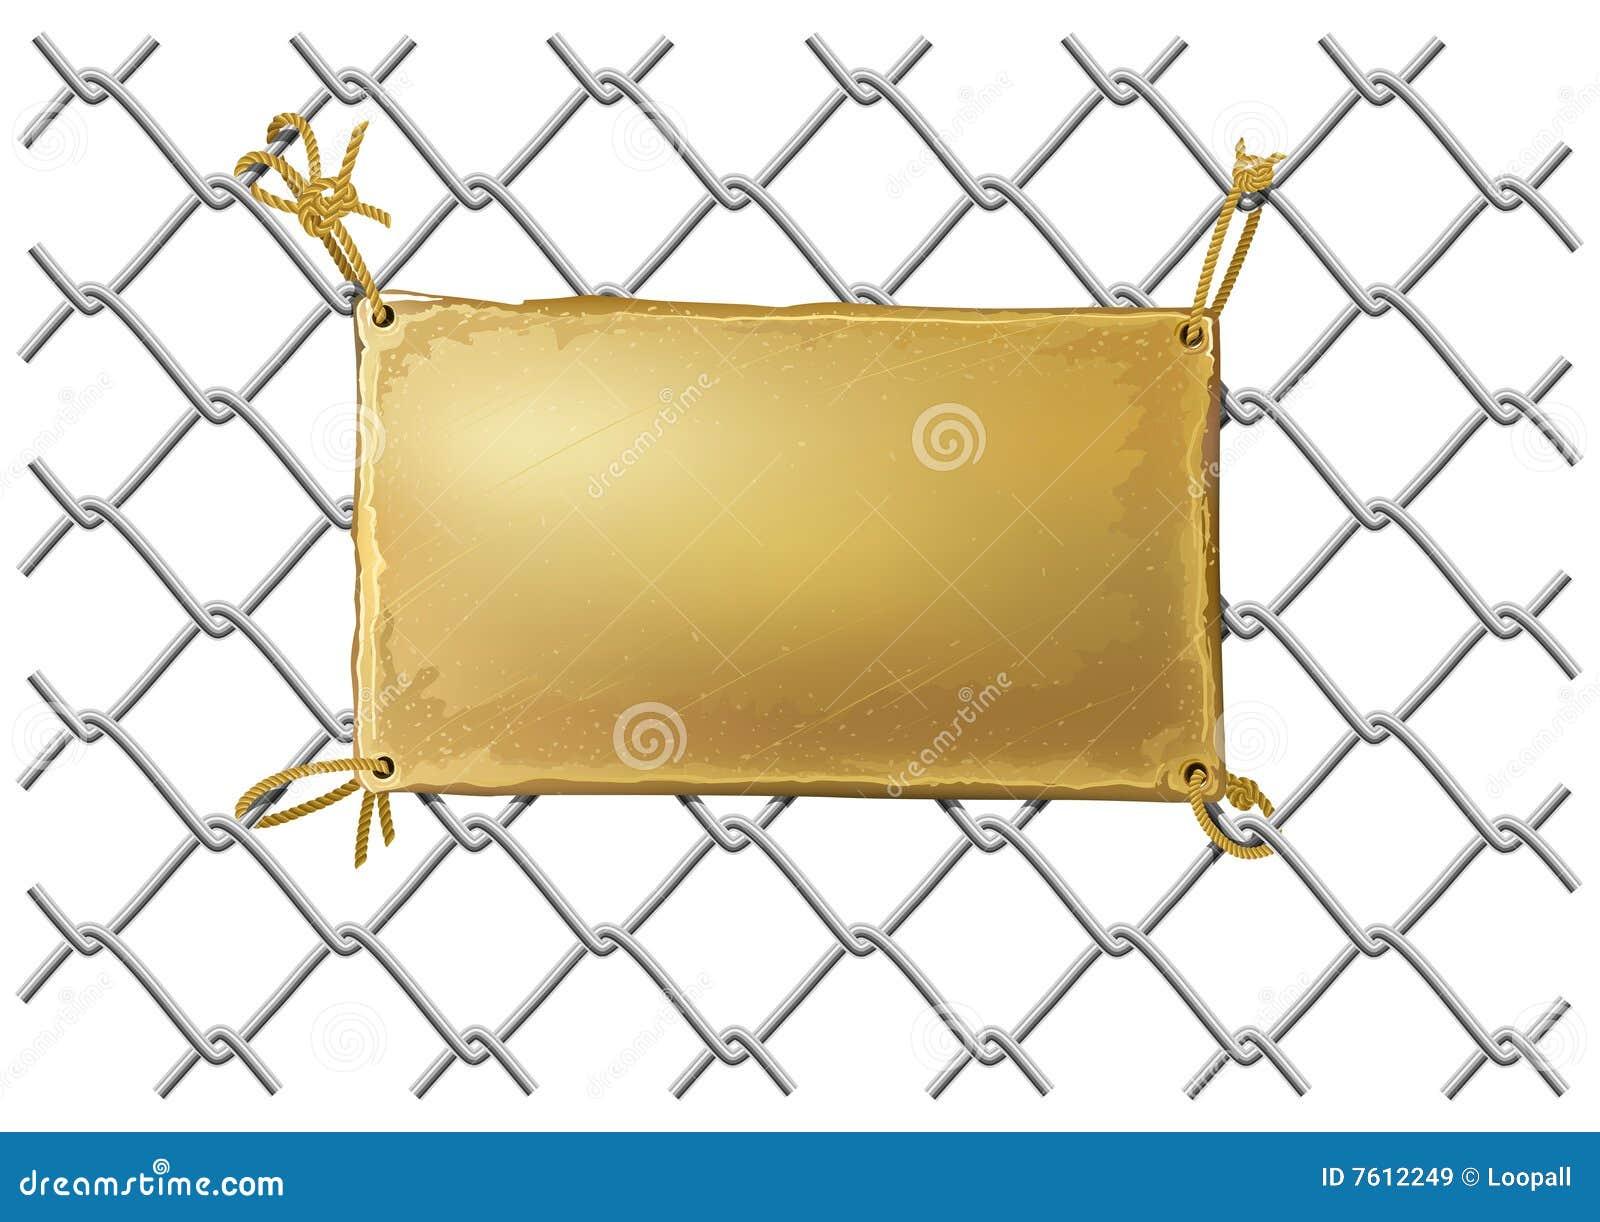 Plateado de metal de bronce en blanco en una red de alambre